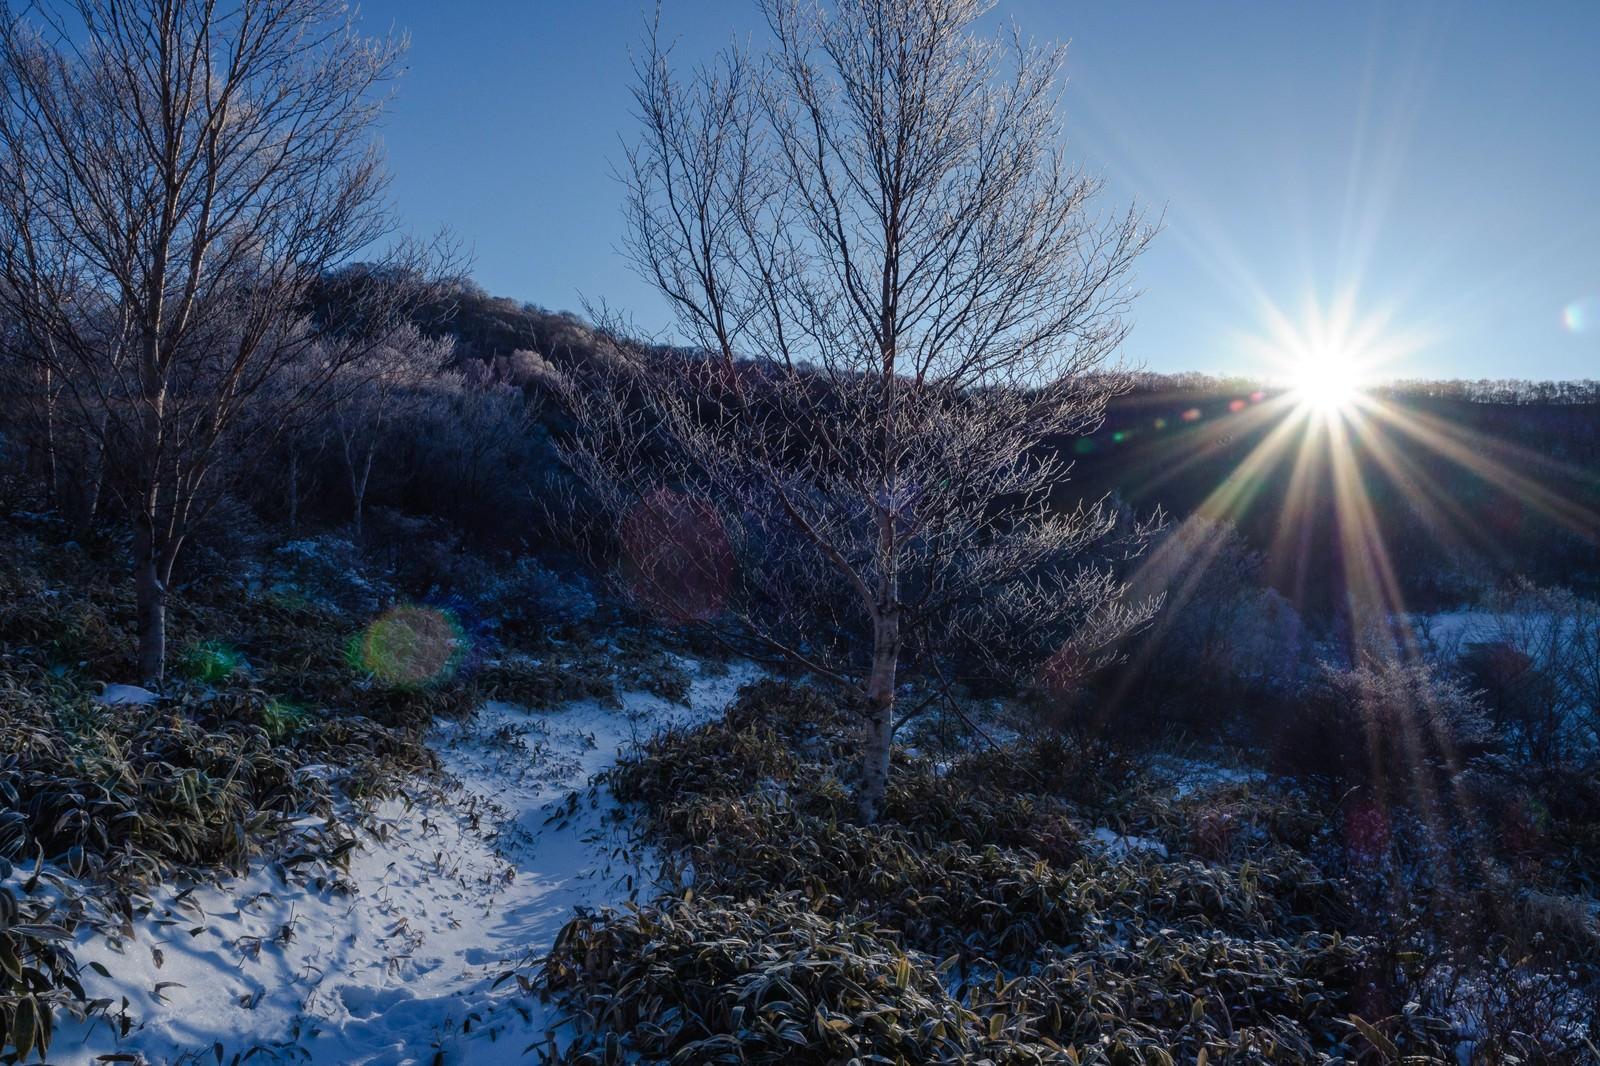 「赤城山小沼の夜明け赤城山小沼の夜明け」のフリー写真素材を拡大